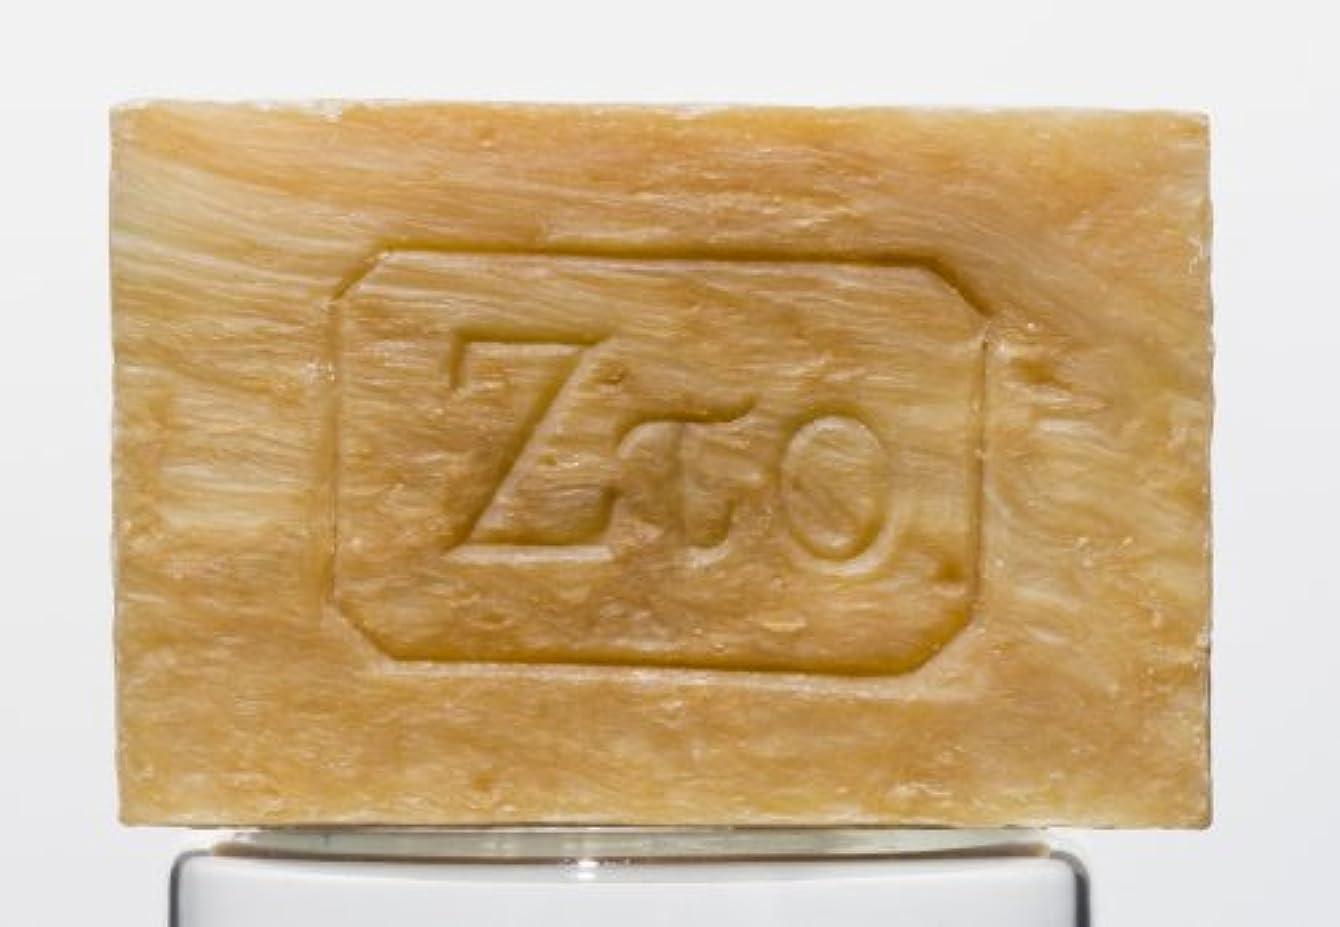 フォーム発表する侵入するZto モイスチュアソープ